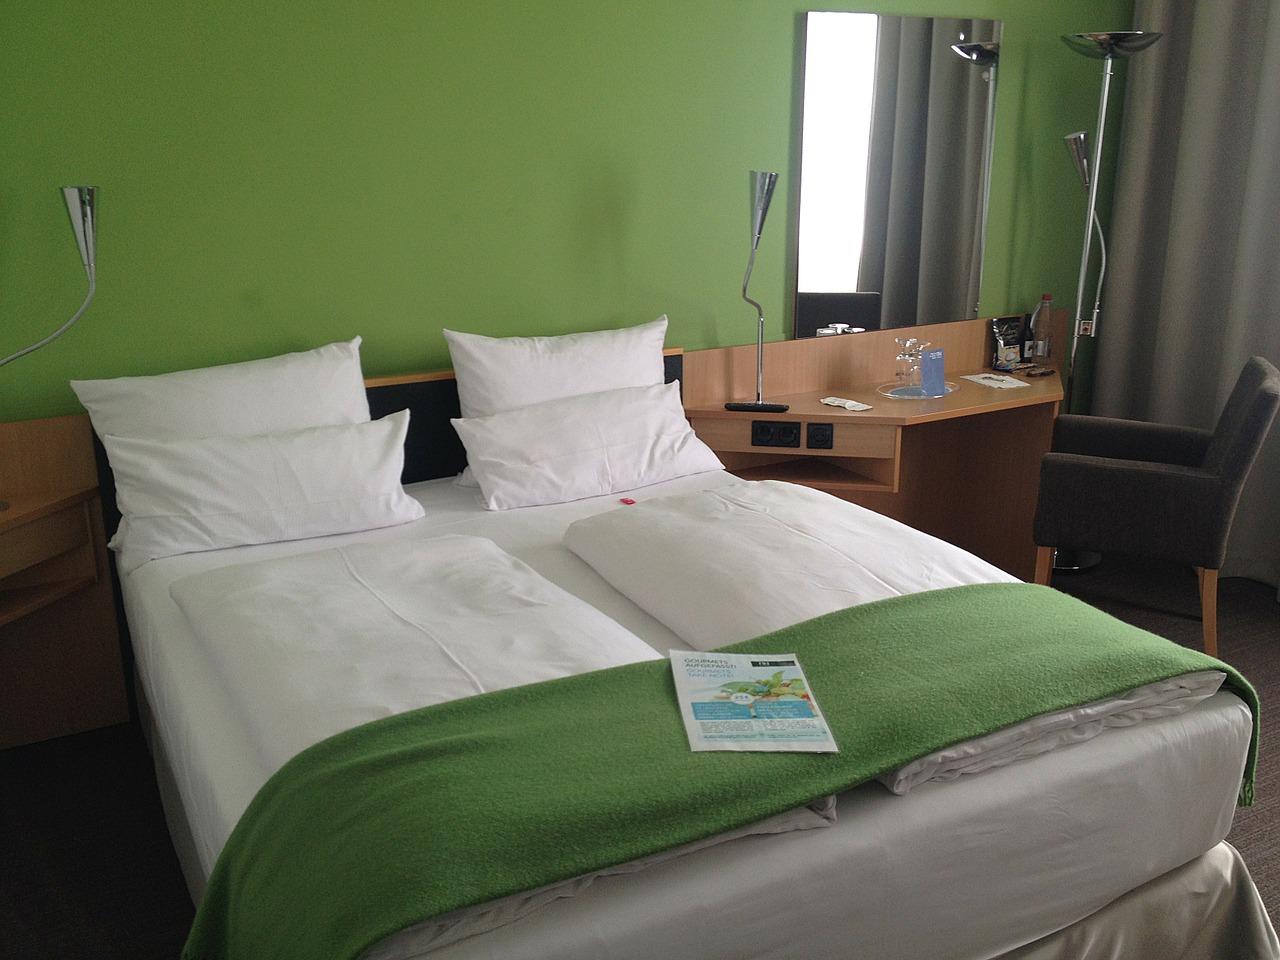 bettdecken test angenehmer erholsamer schlaf mit der richtigen bettdecke. Black Bedroom Furniture Sets. Home Design Ideas